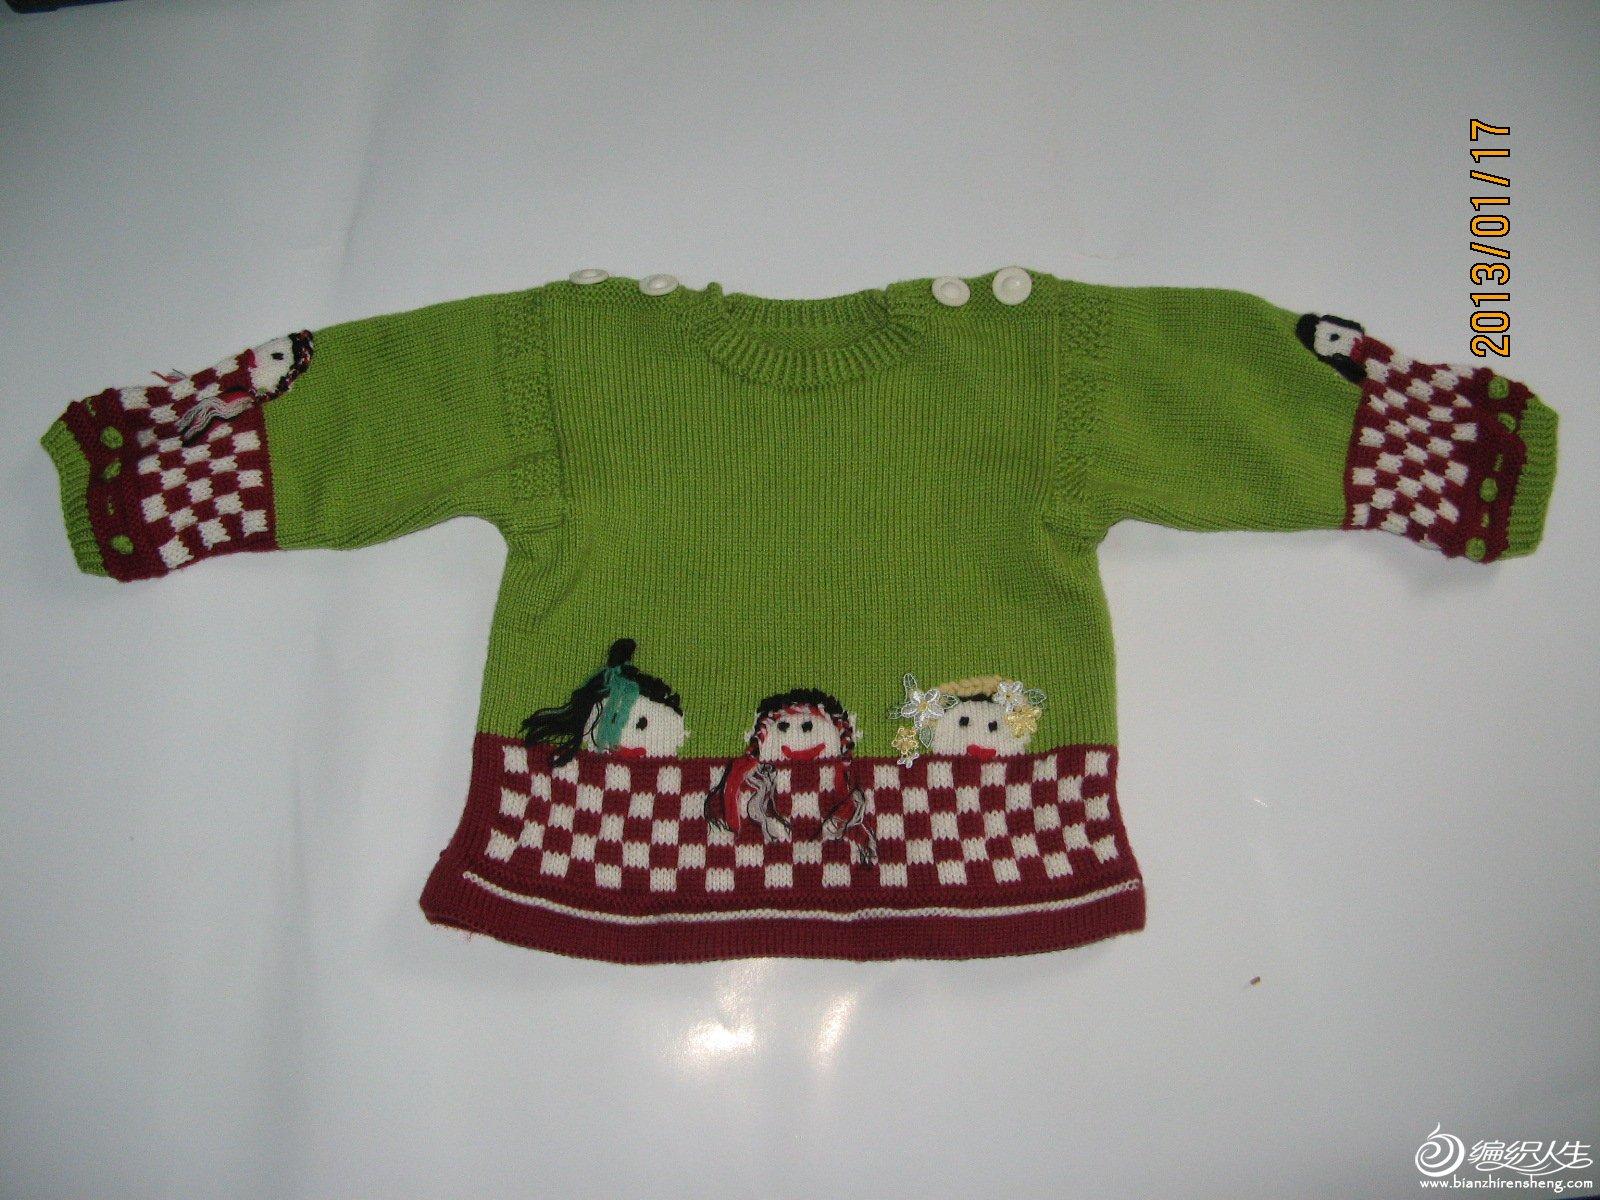 复件 新织的三件衣衣 001.jpg